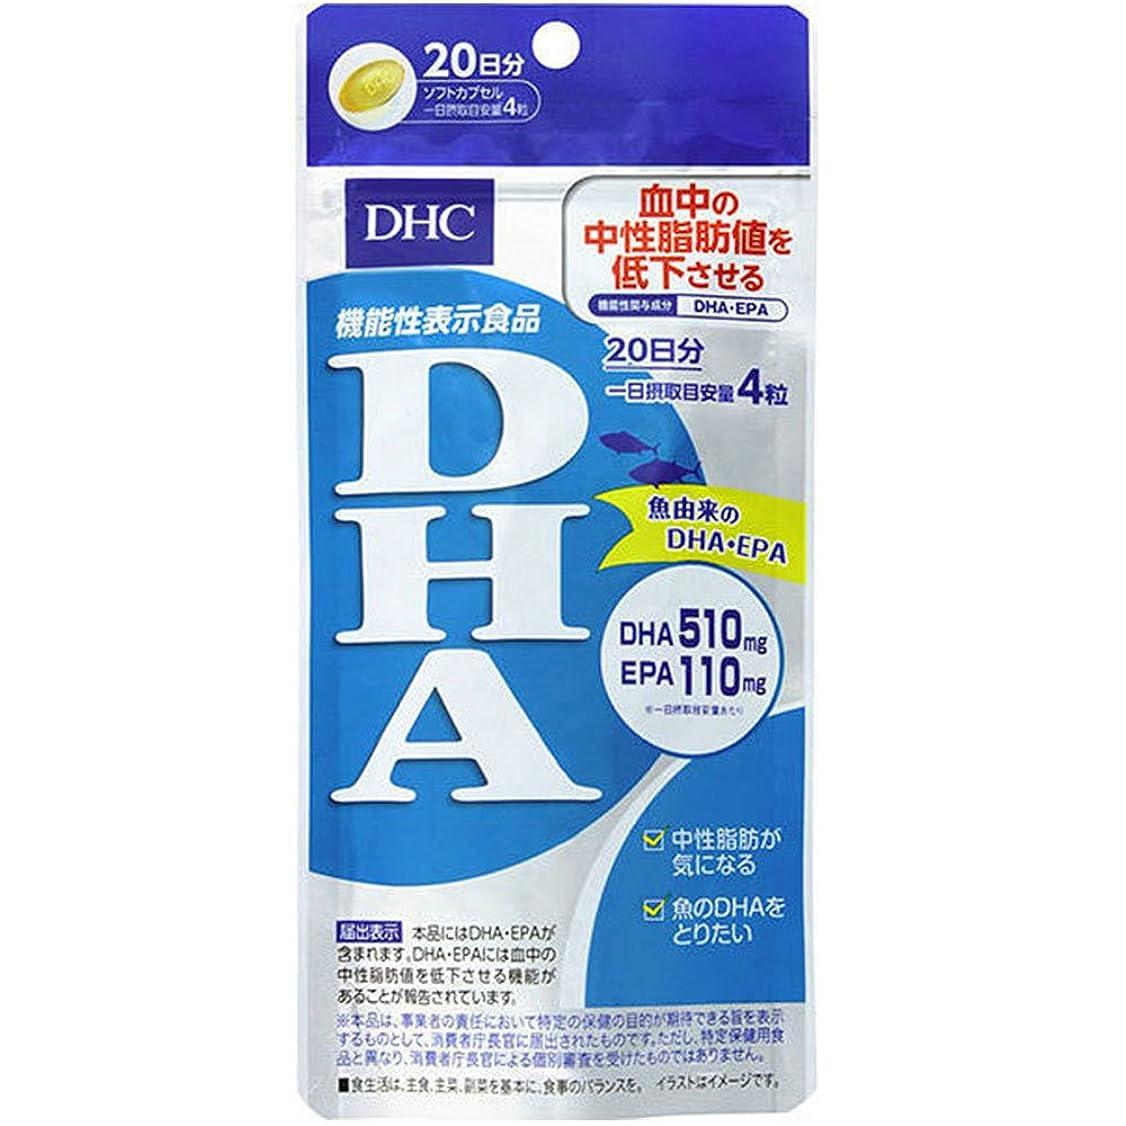 掃除量今晩DHC DHA 20日分 80粒 【機能性表示食品】